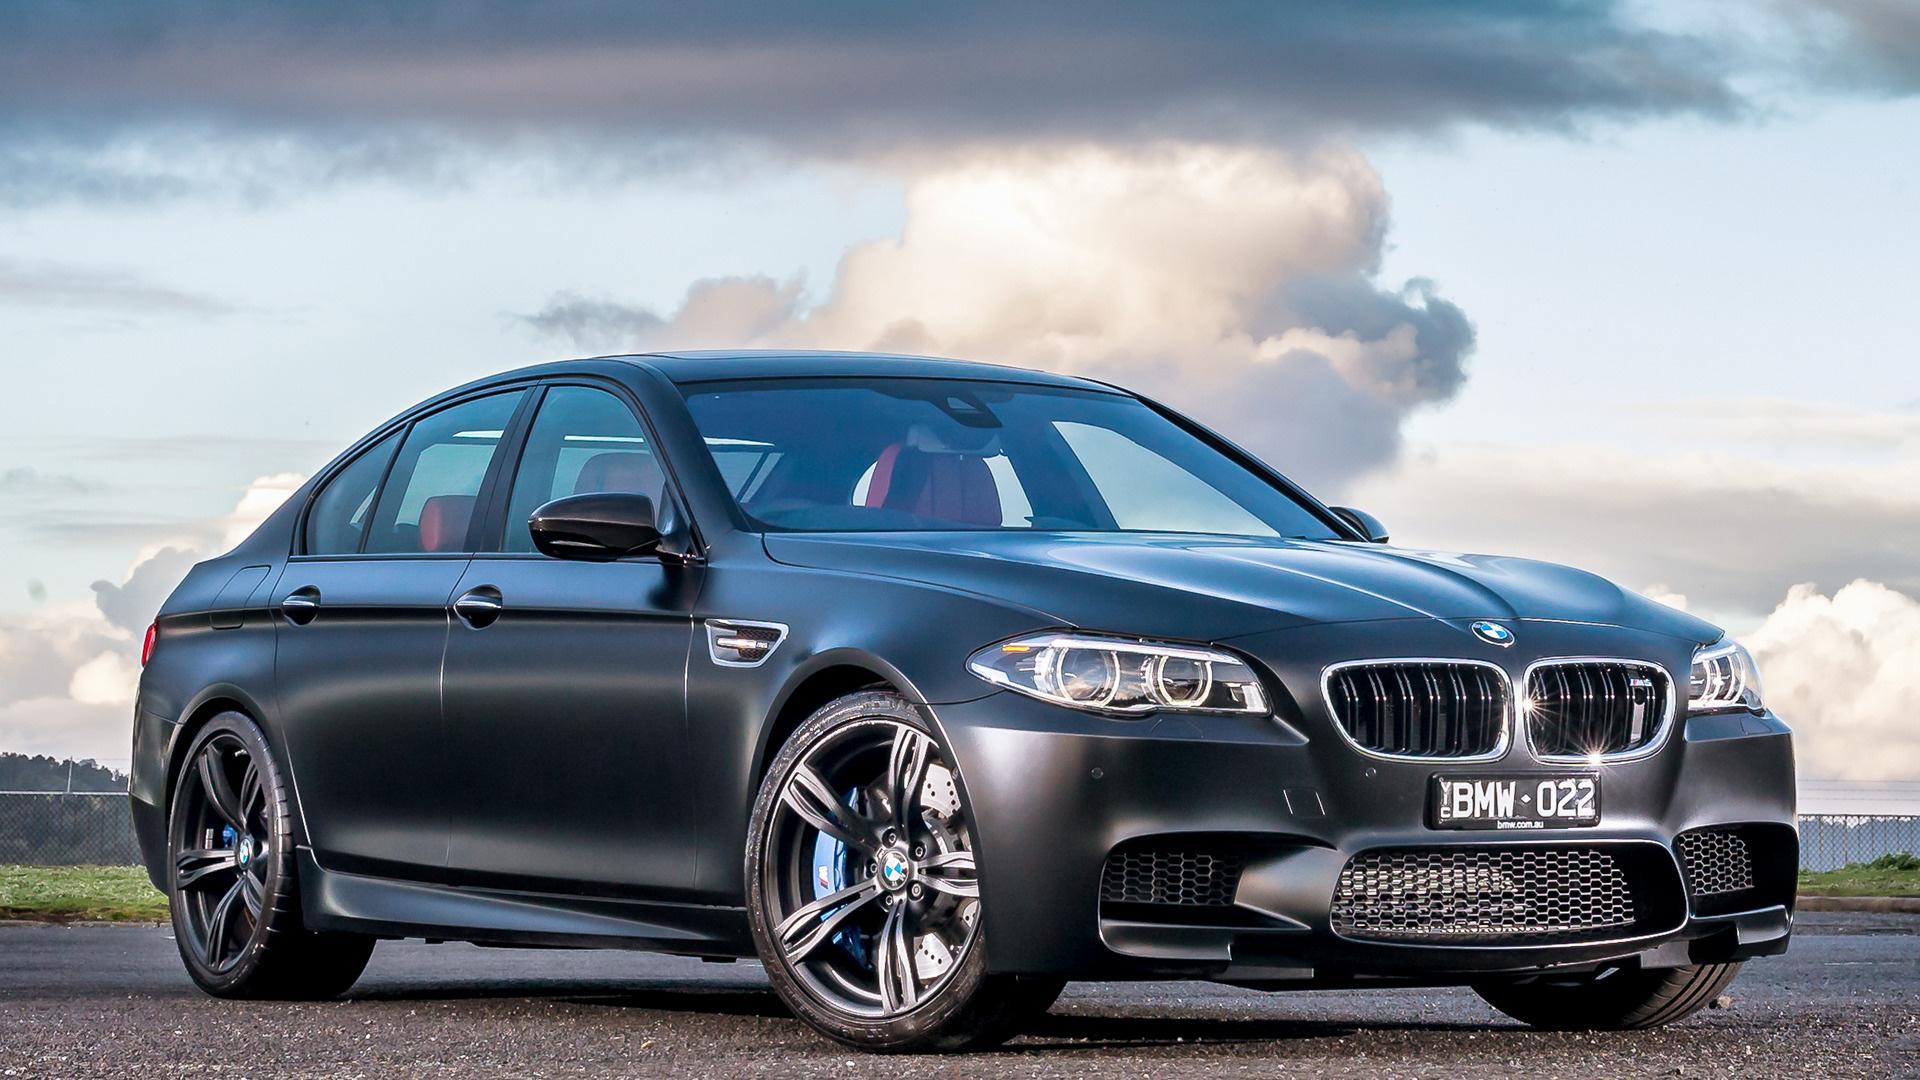 BMW M5 Background Download 1920x1080